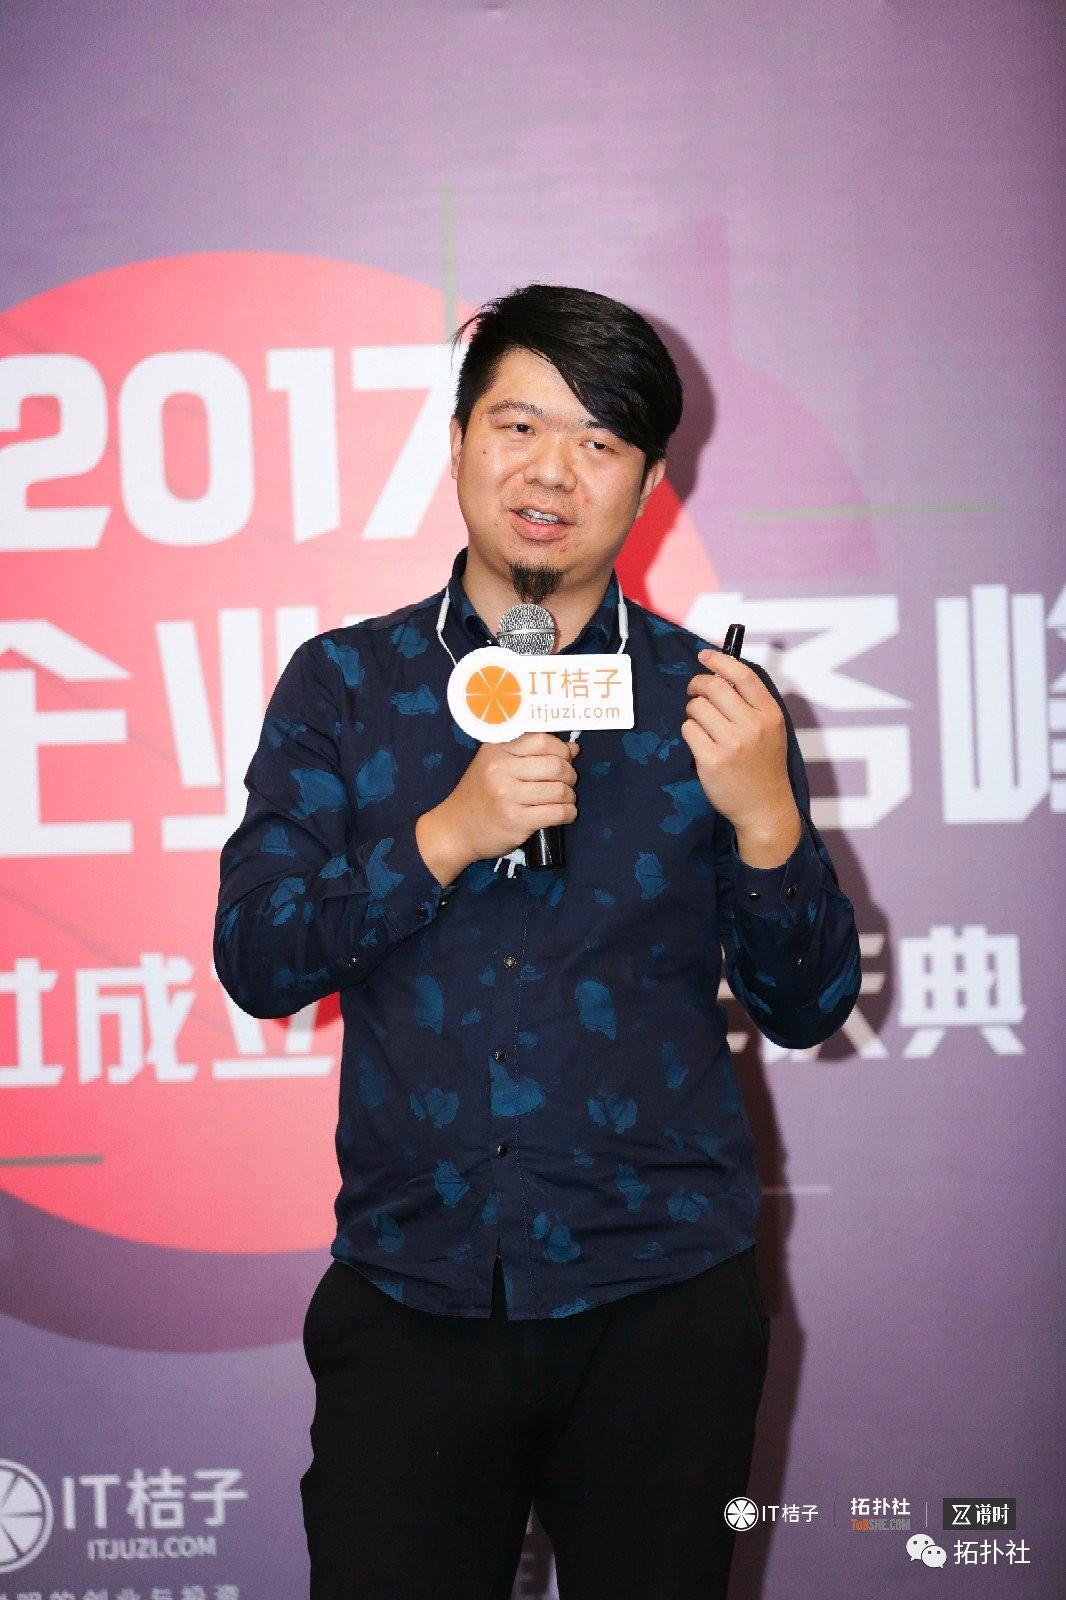 AA投资王浩泽:项目拉投资有两个诀窍